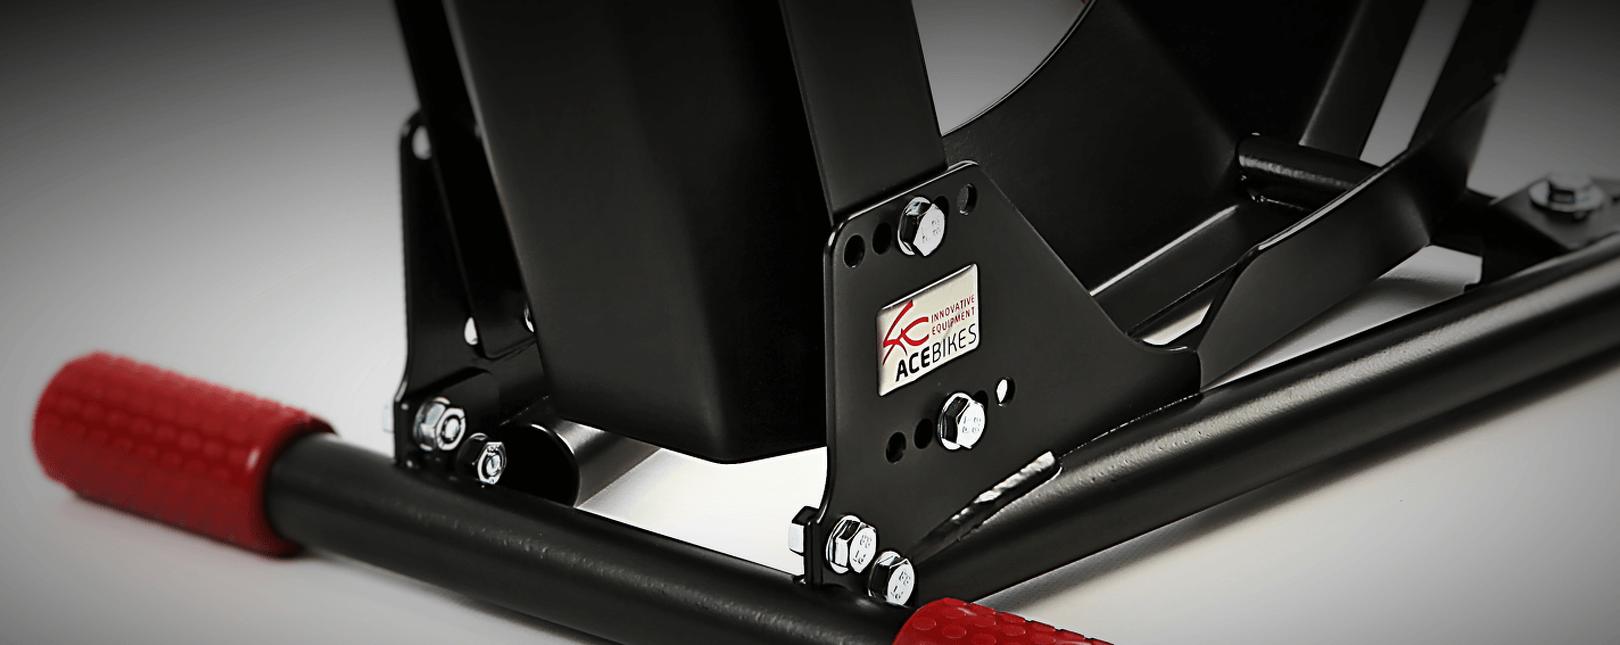 Ace Bikes AceBikes MotorMover Support de Guidon pour b/équille Argent/é//Rouge